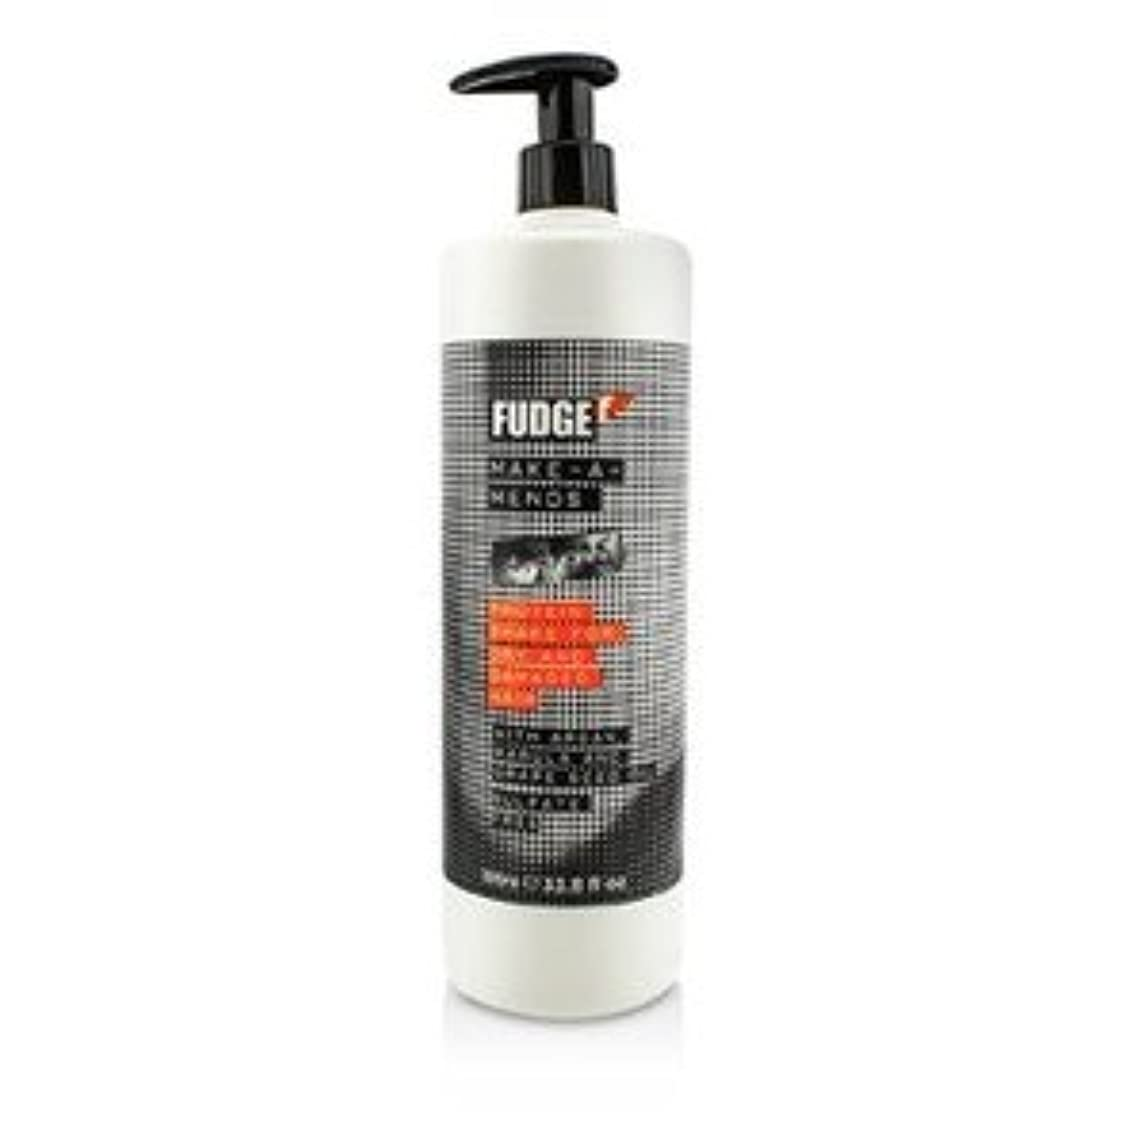 クアッガ医学ターゲットFudge メイク ア メンズ シャンプー - サルフェートフリー(For Dry and Damaged Hair) 1000ml/33.8oz [並行輸入品]